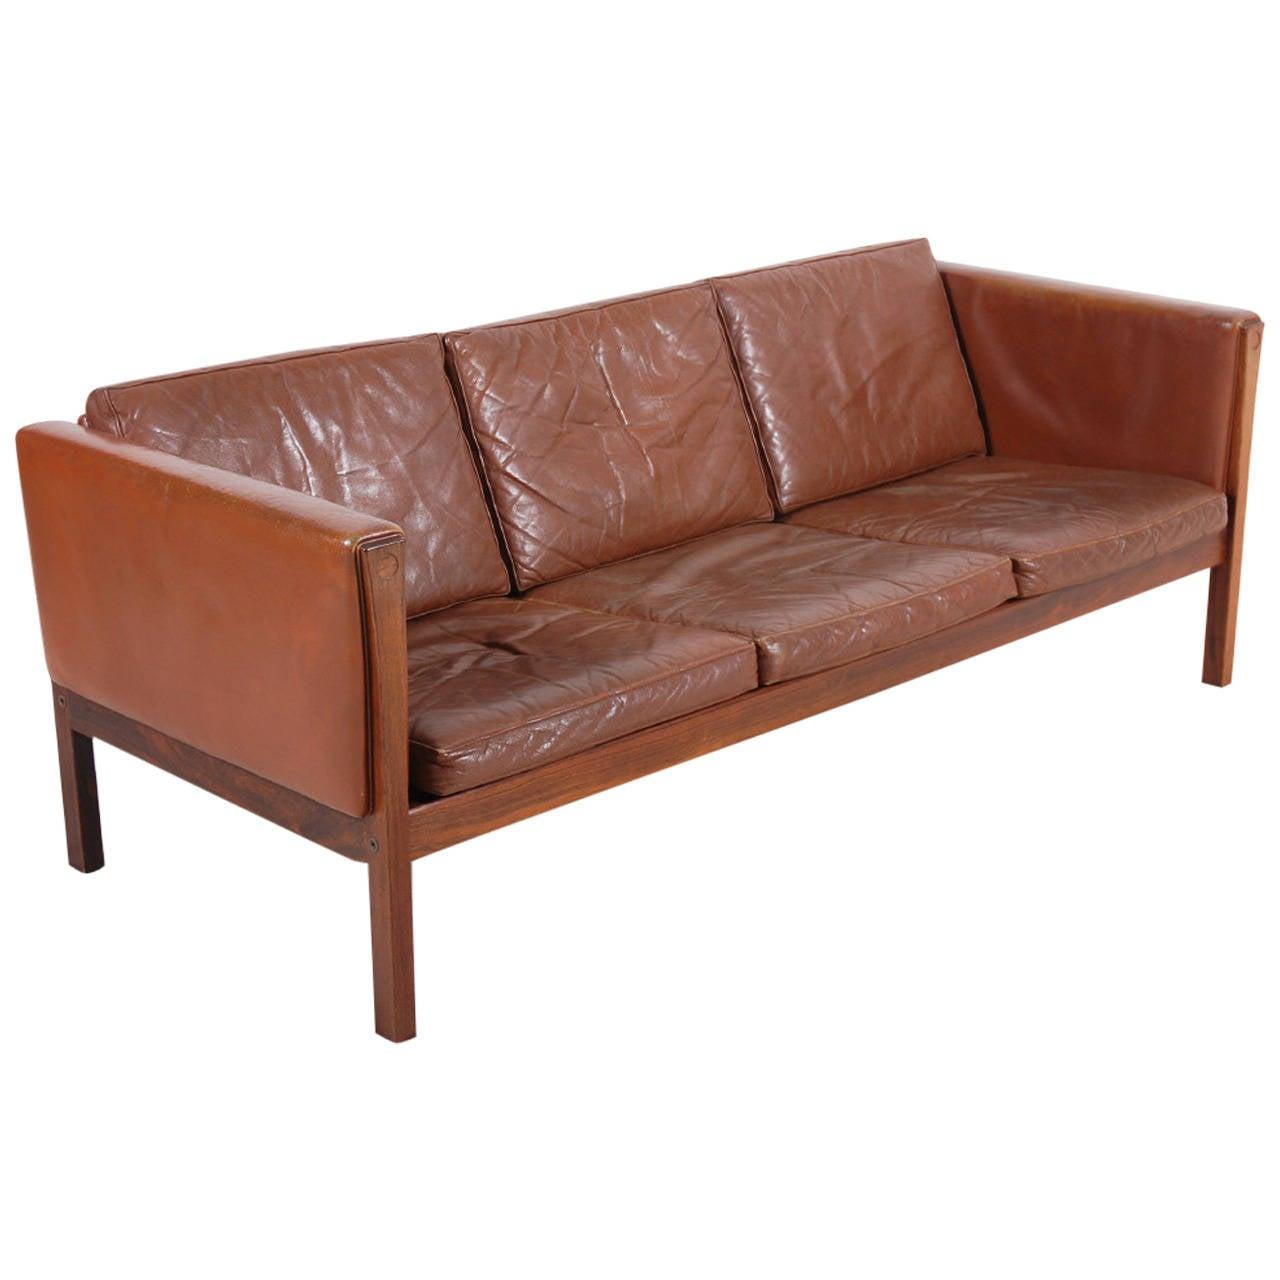 hans wegner ap 62 sofa for ap stolen 1960 at 1stdibs. Black Bedroom Furniture Sets. Home Design Ideas